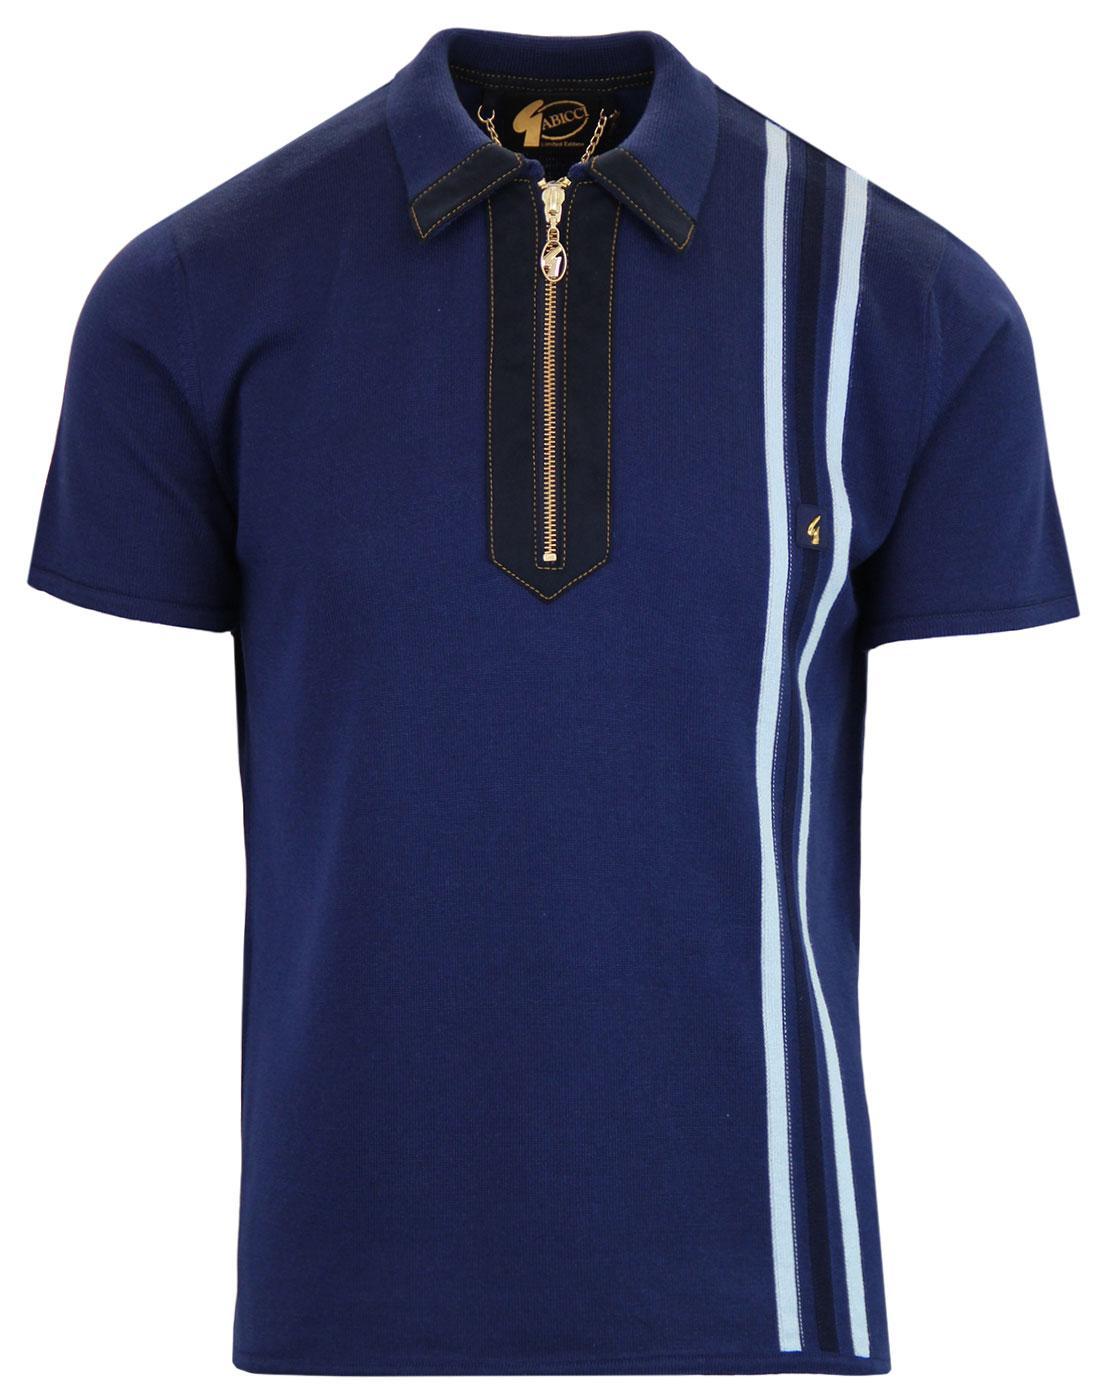 Pitstop GABICCI VINTAGE Ltd Edition Mod Knit Polo